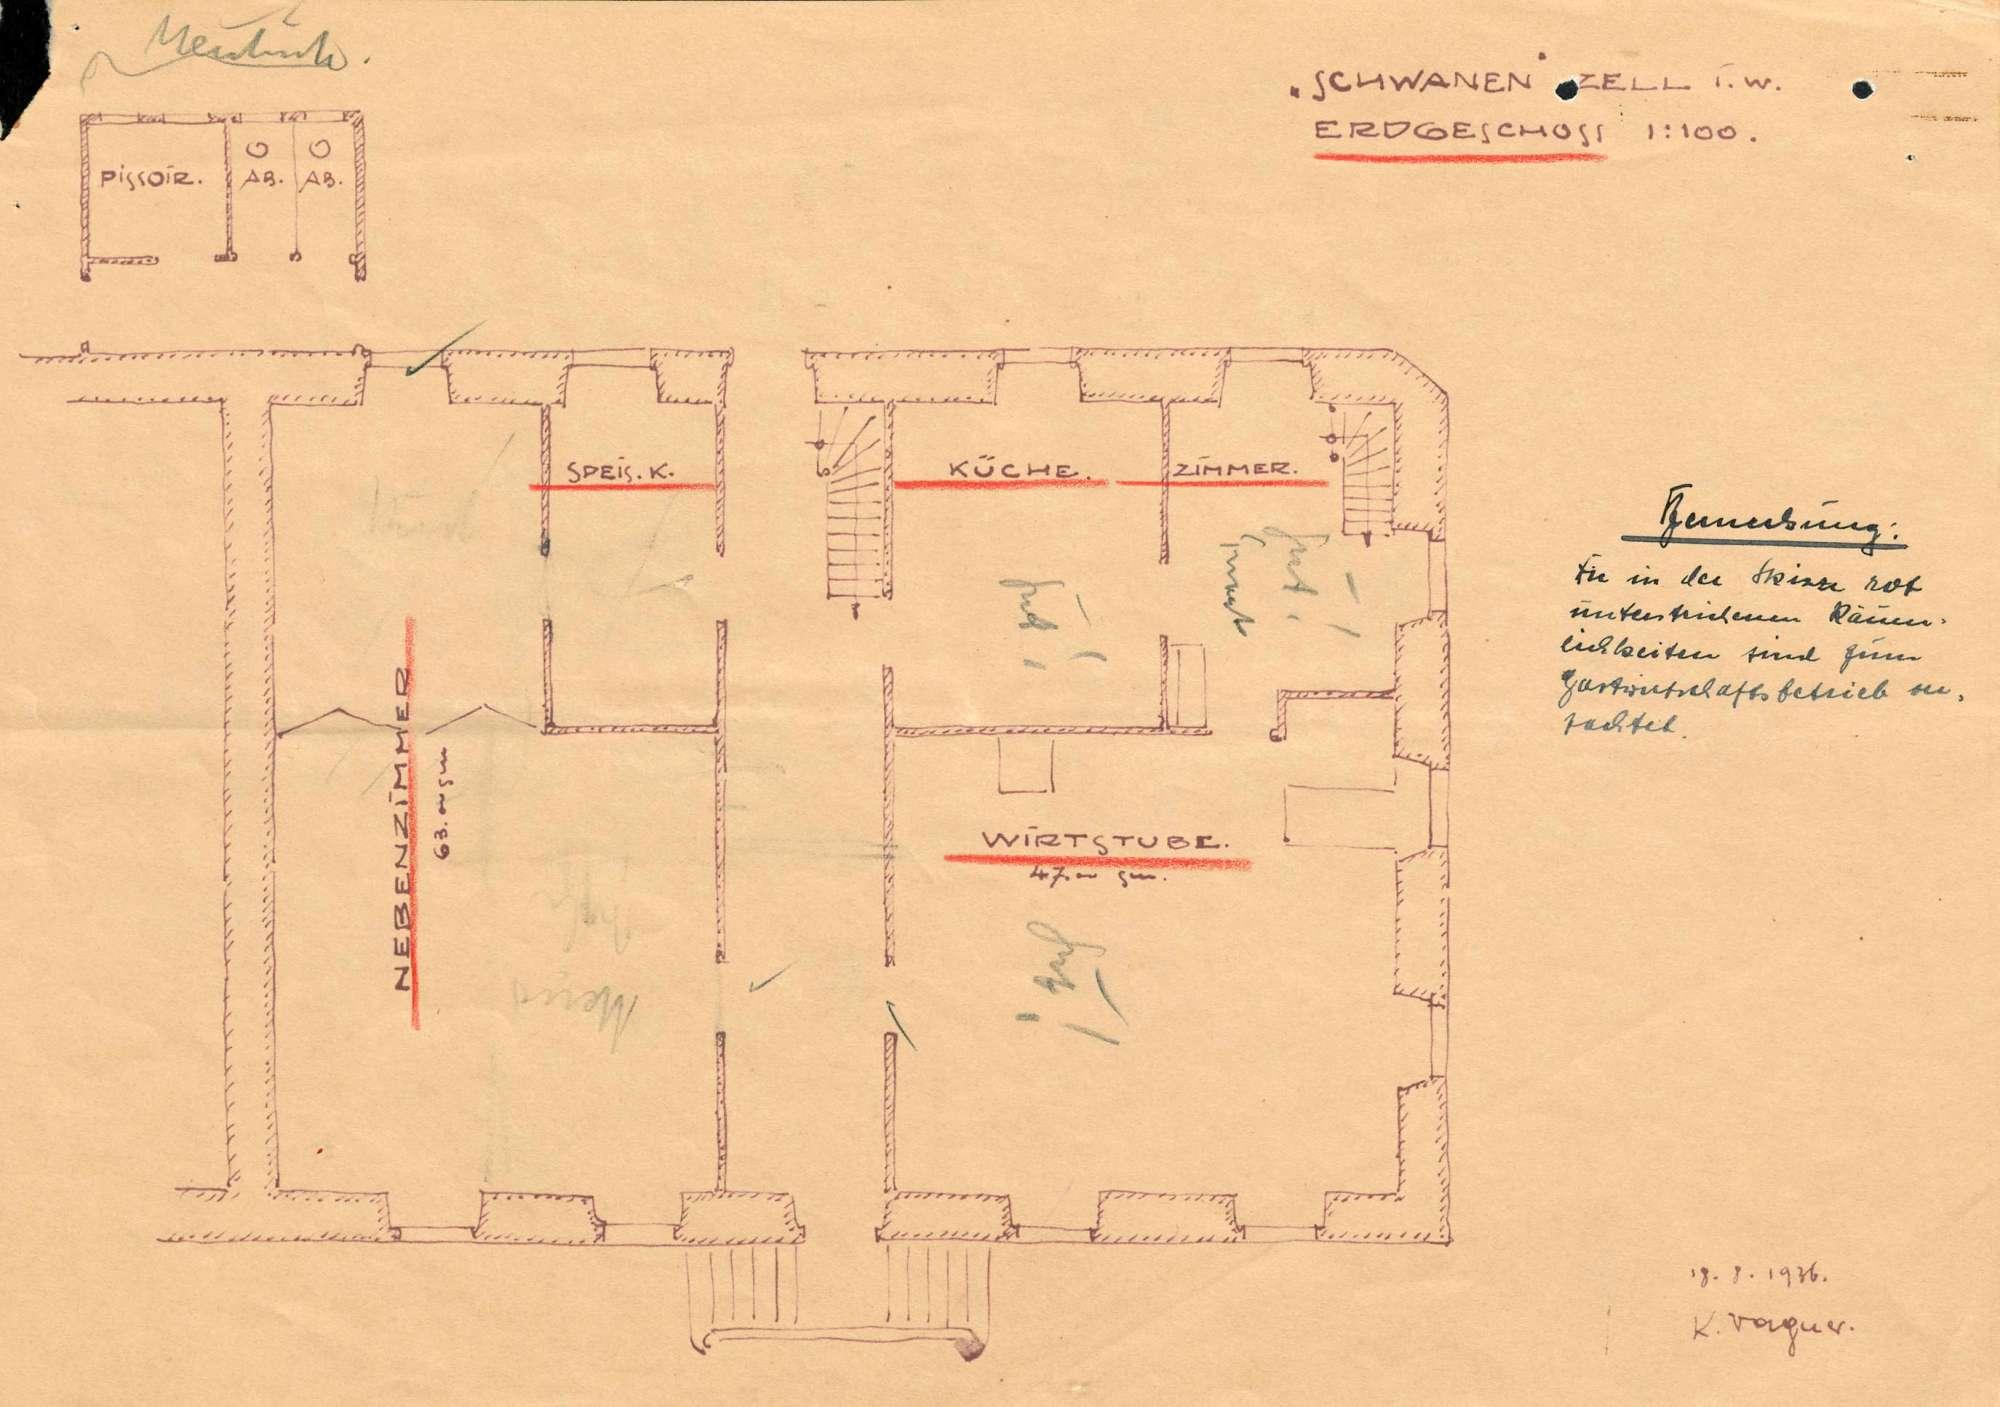 Verleihung der Wirtschaftskonzession für das Gasthaus Zum Schwanen in Zell im wiesental, Bild 2